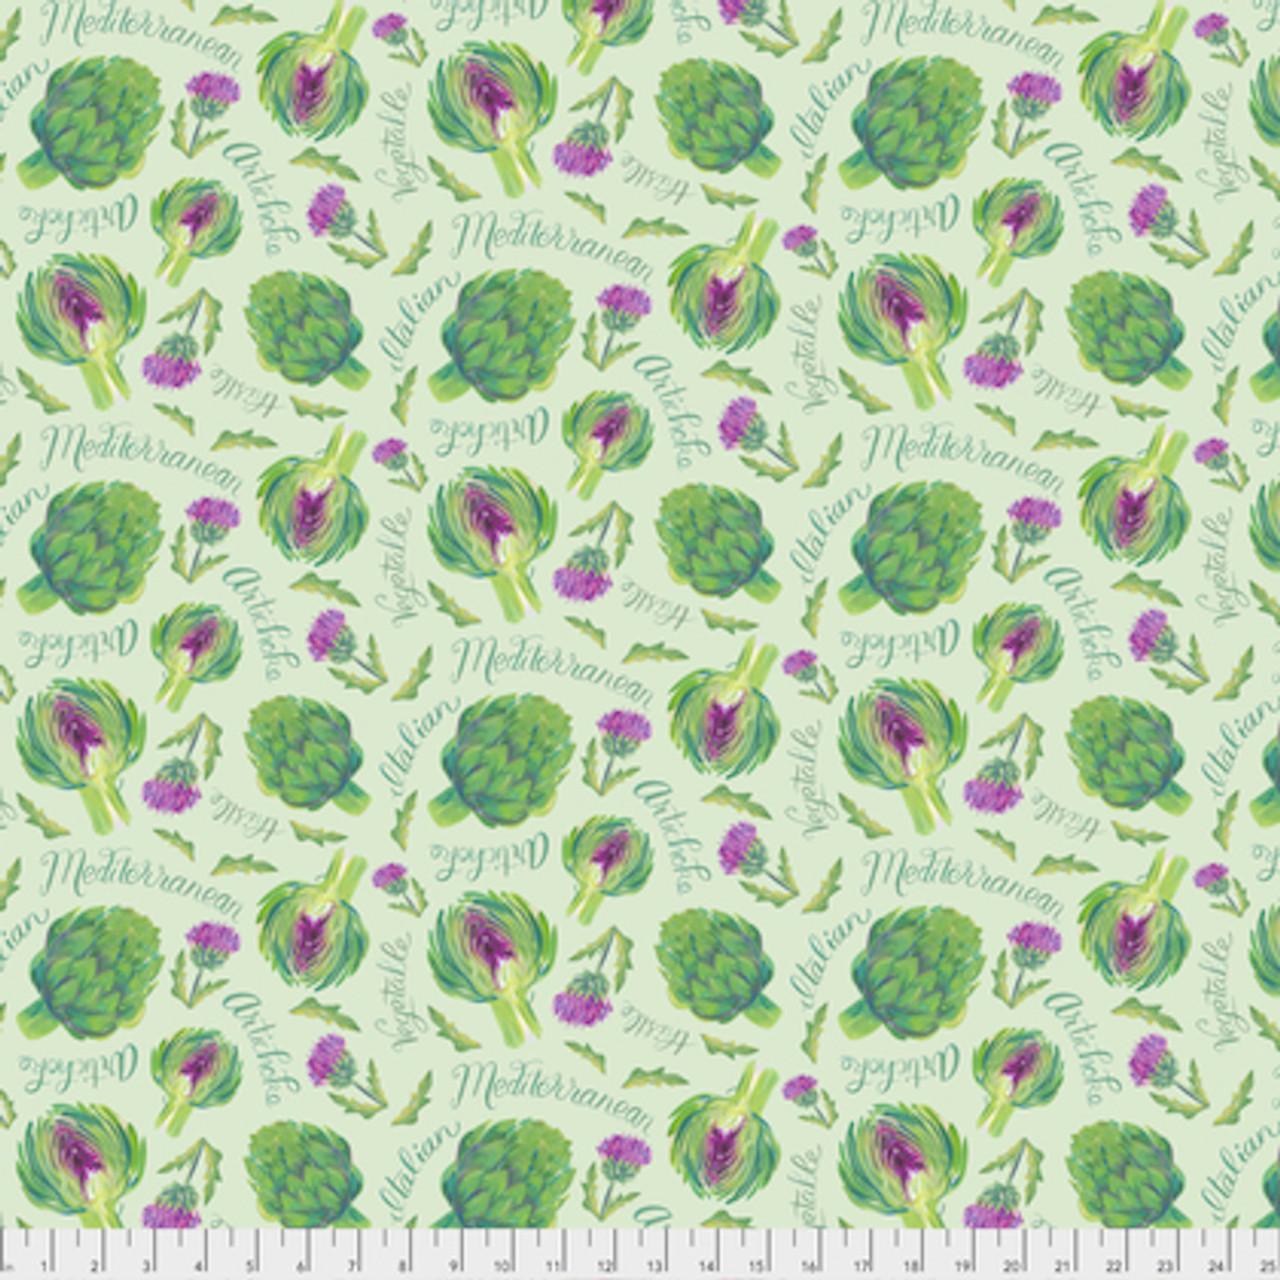 Corinne Haig PWCH001 Artichoke Garden Green Cotton Fabric By Yd